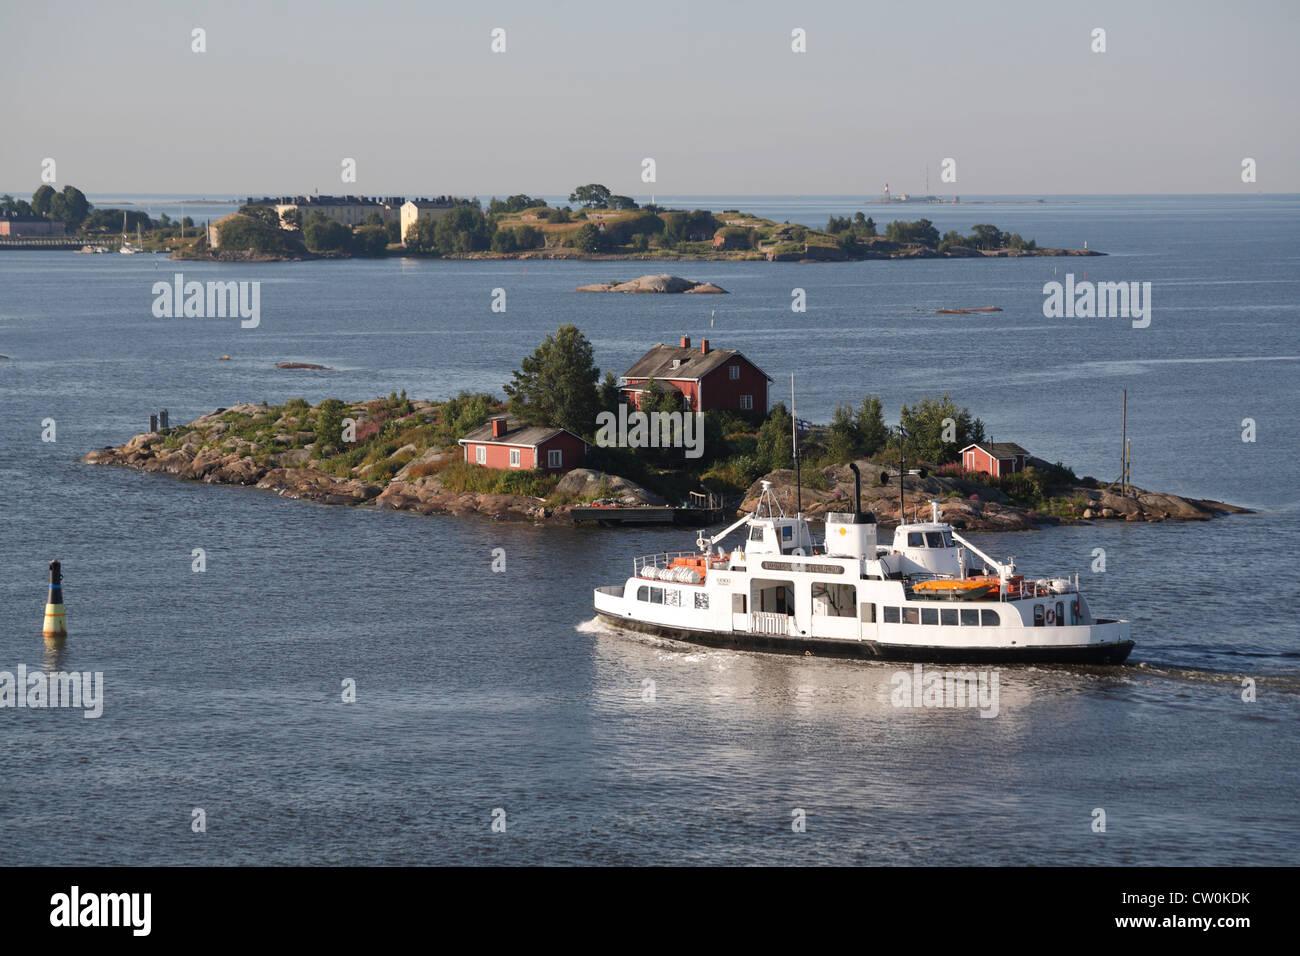 Finland Helsinki, Suomenlinna ferry - Stock Image